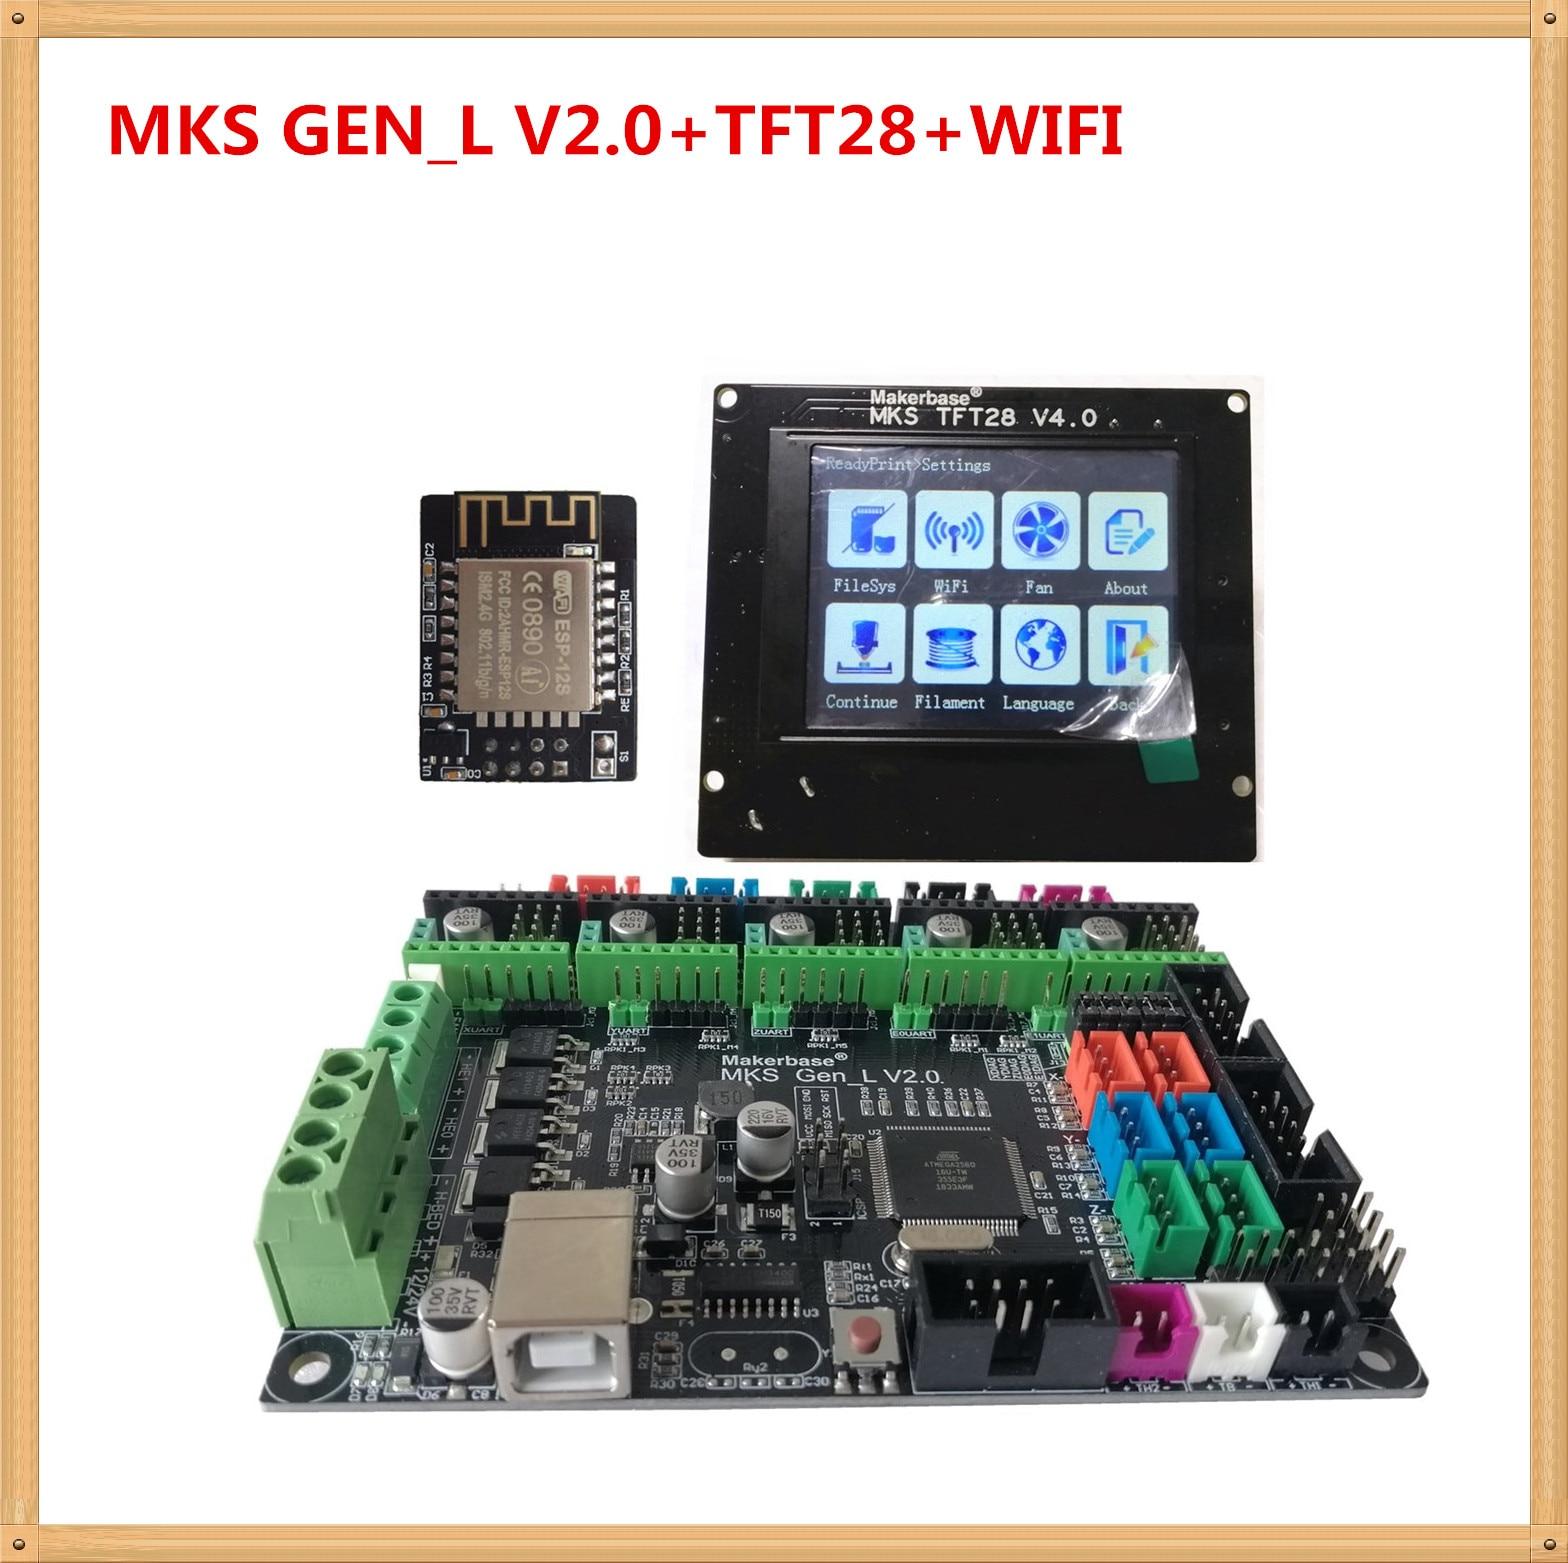 MKS GEN L V2.0 + MKS TFT28 écran couleur minipanel écran tactile pas cher 3D impression kits scolaires contrôleur 3d imprimante démarreur unité